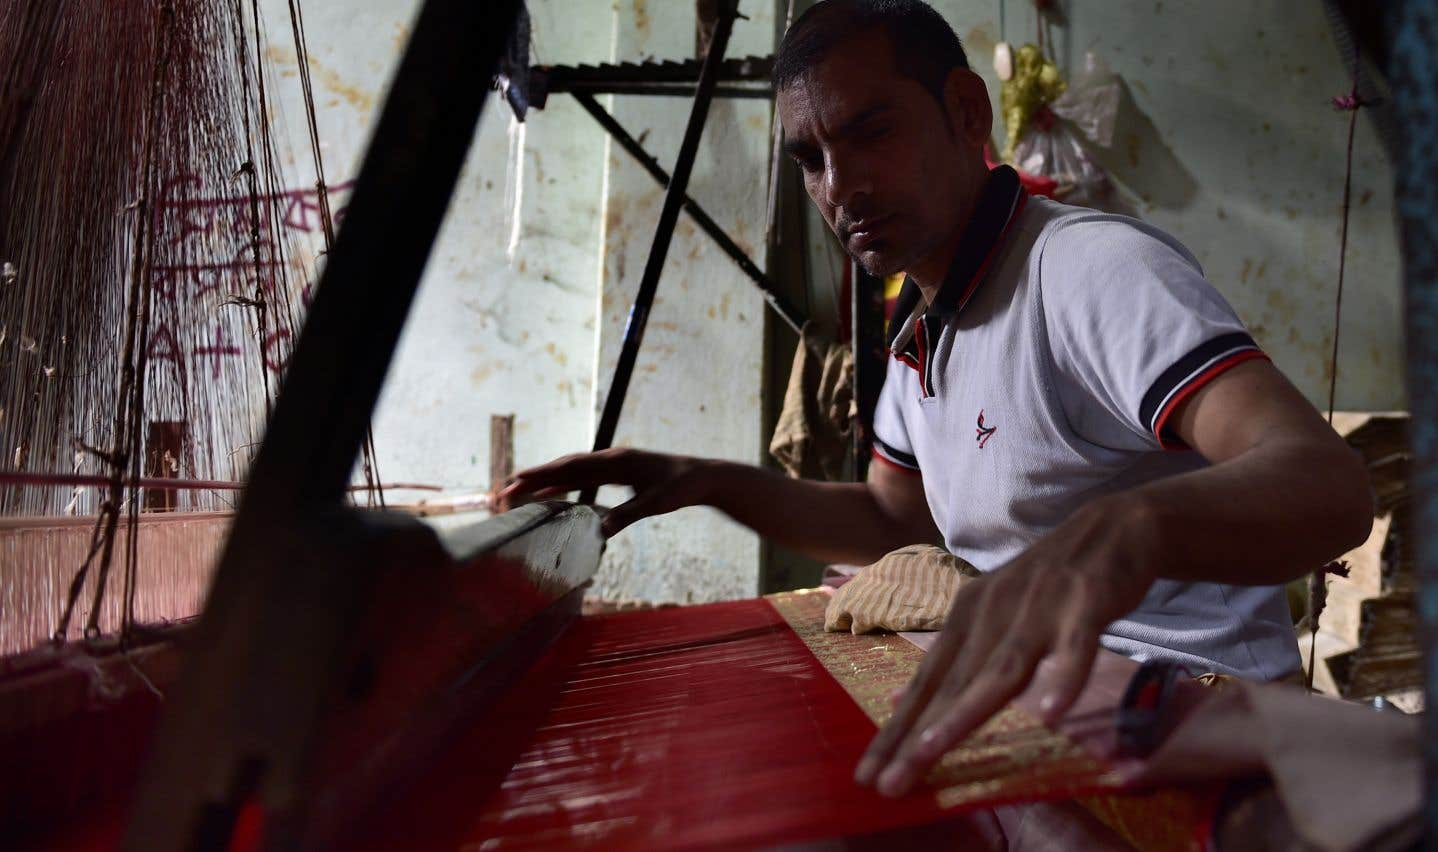 Un p.-d.g. d'une des cinq plus grandes multinationales dans l'industrie du textile gagne autant en quatre jours qu'une employée moyenne du Bangladesh dans toute sa vie, souligne l'auteure.